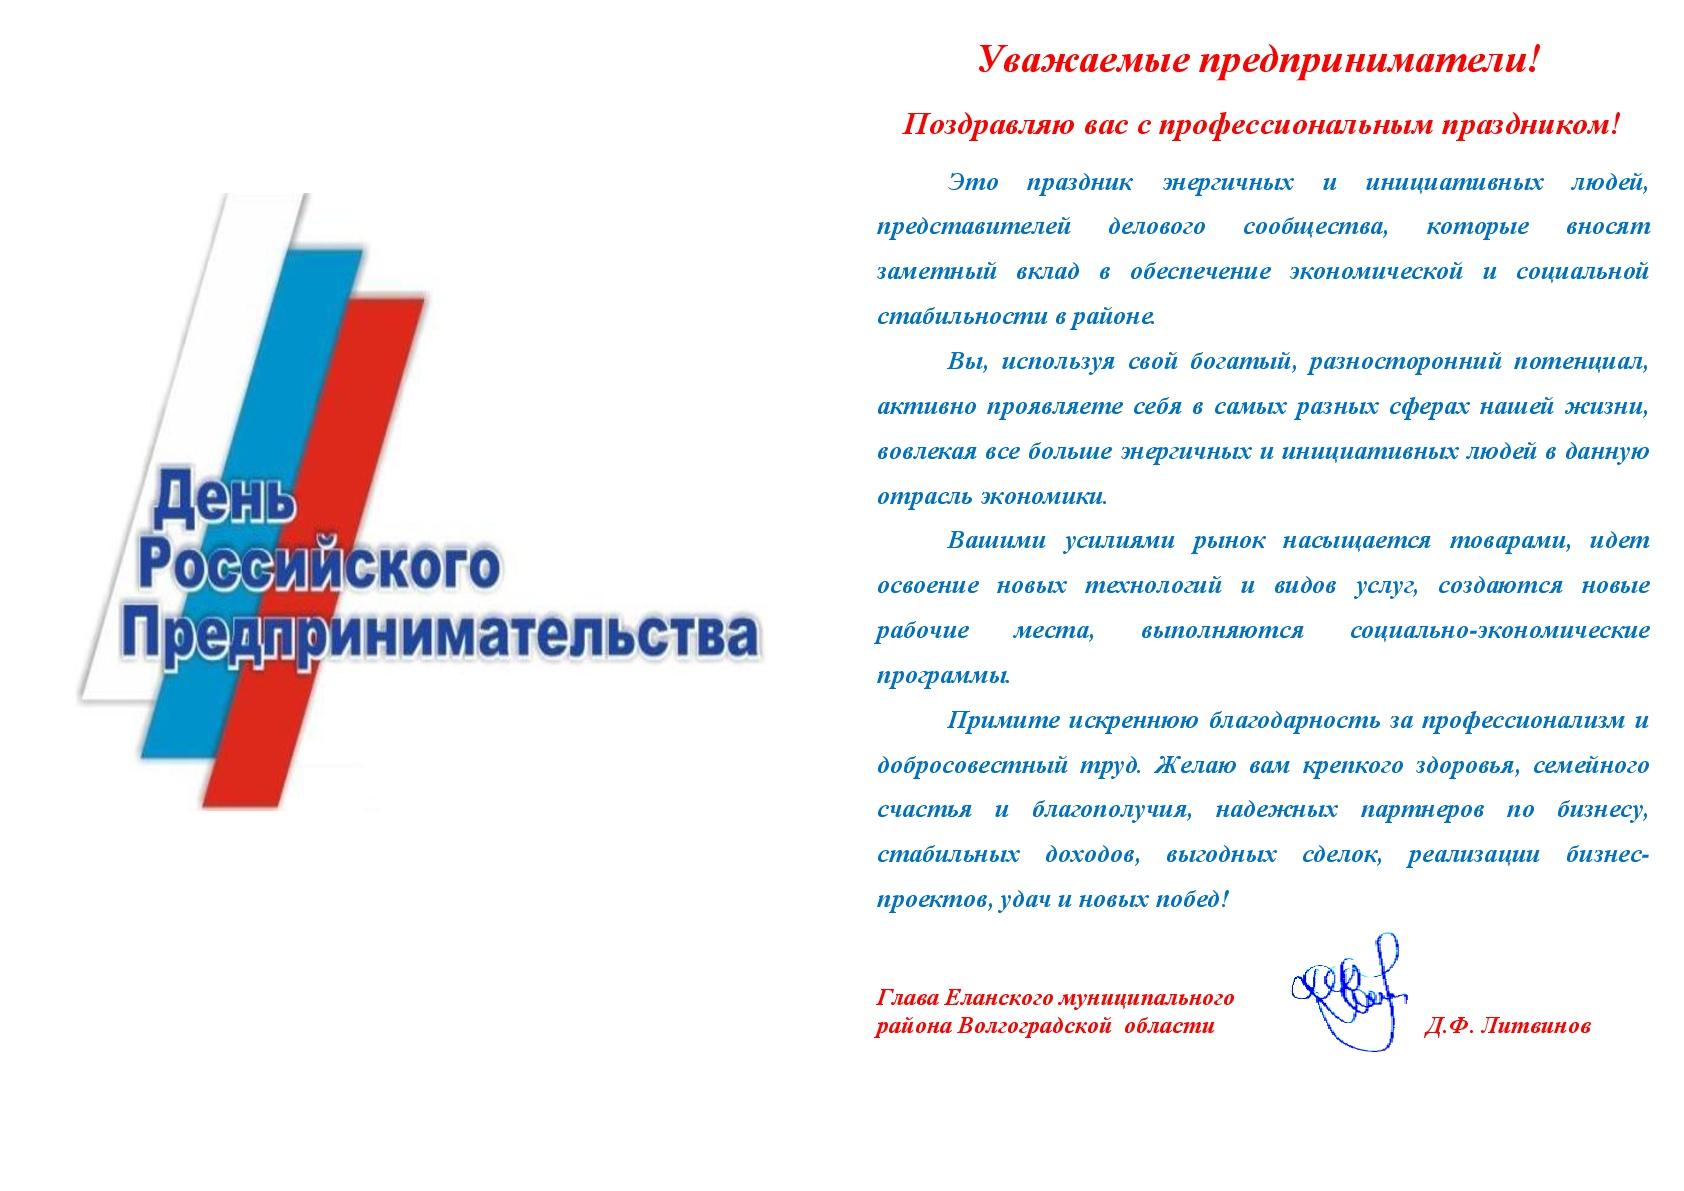 Поздравление главе администрации россии фото 576